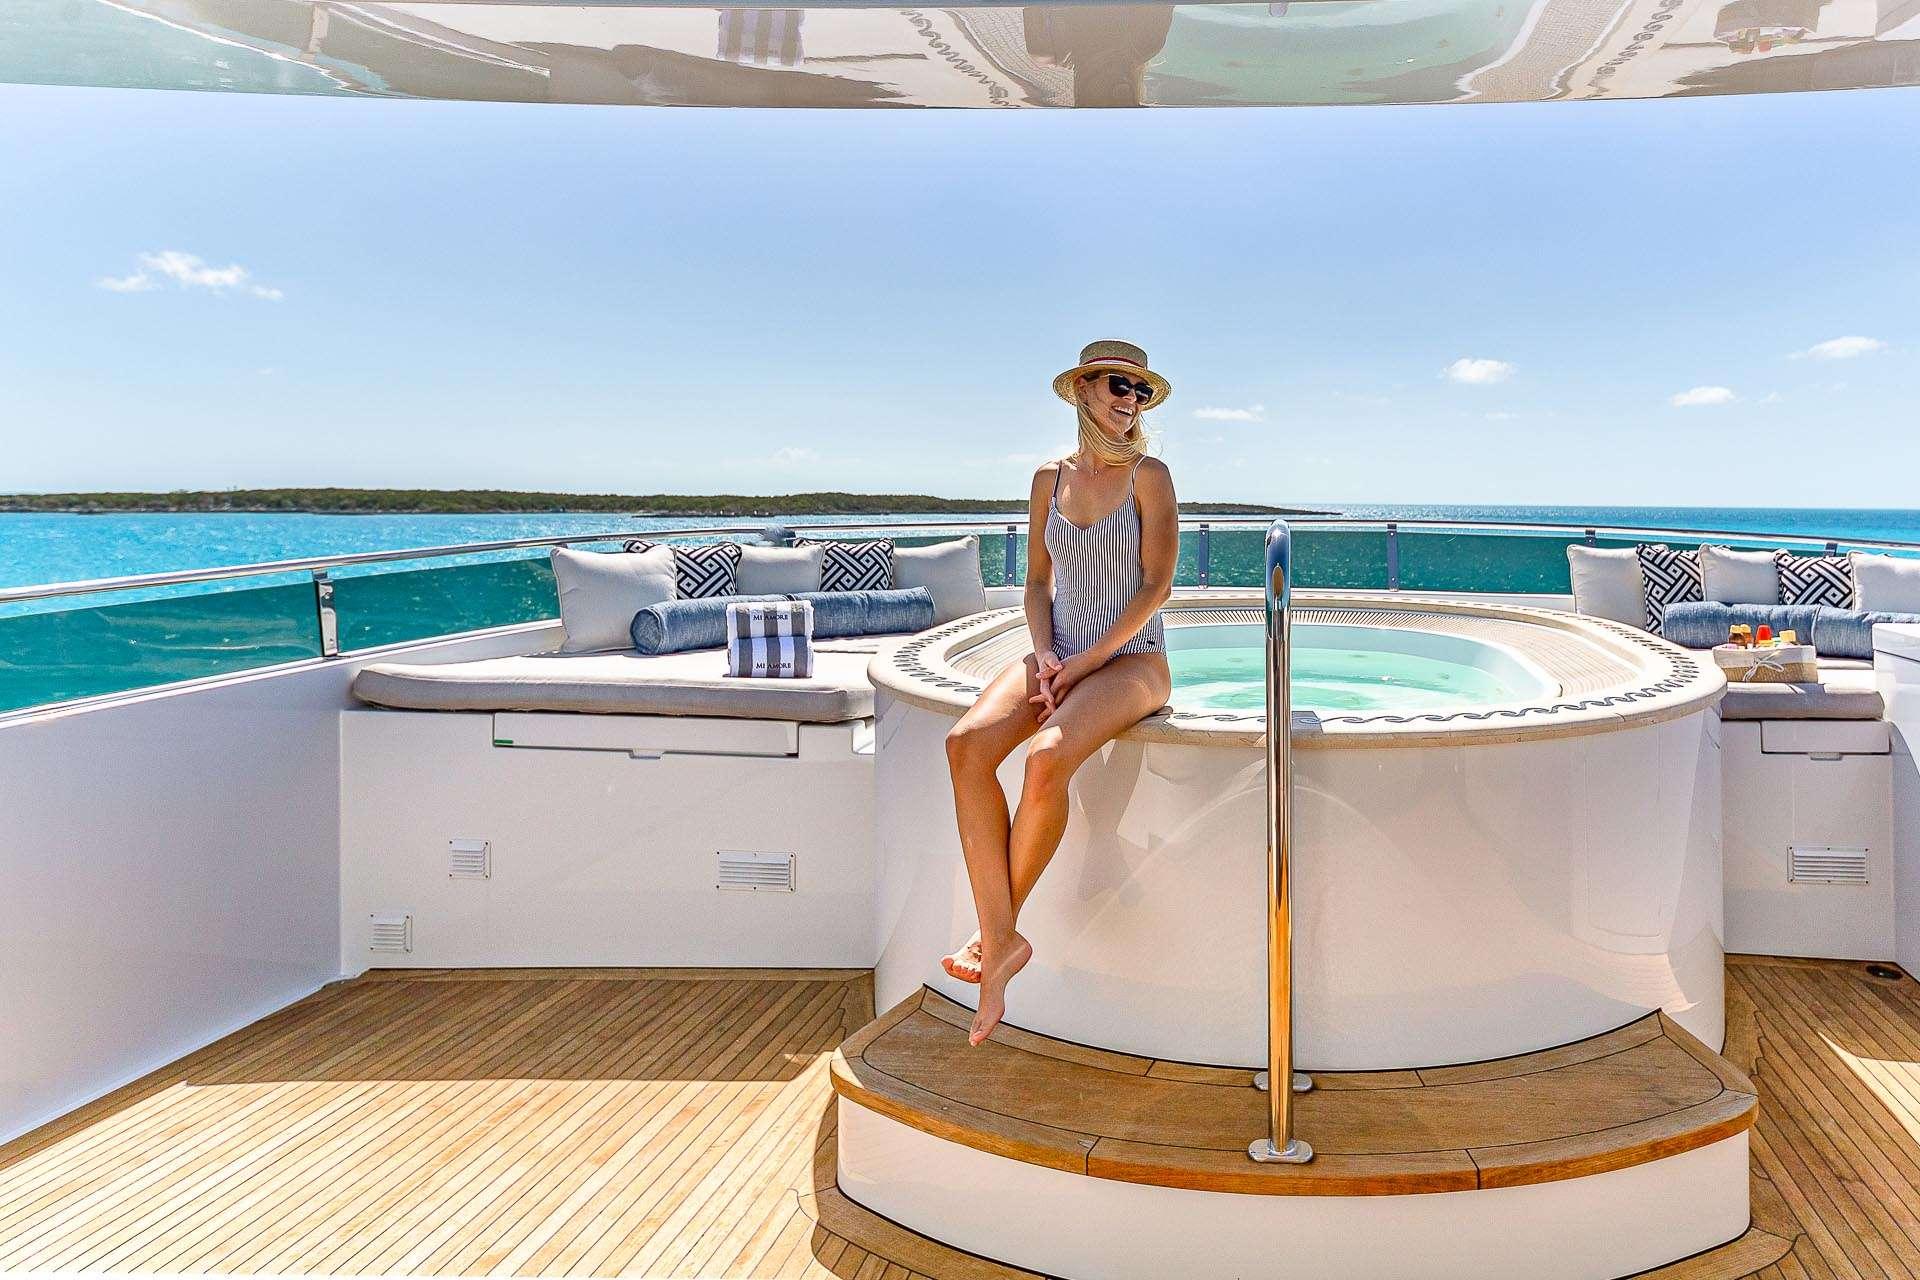 Jacuzzi - superyacht lifestyle